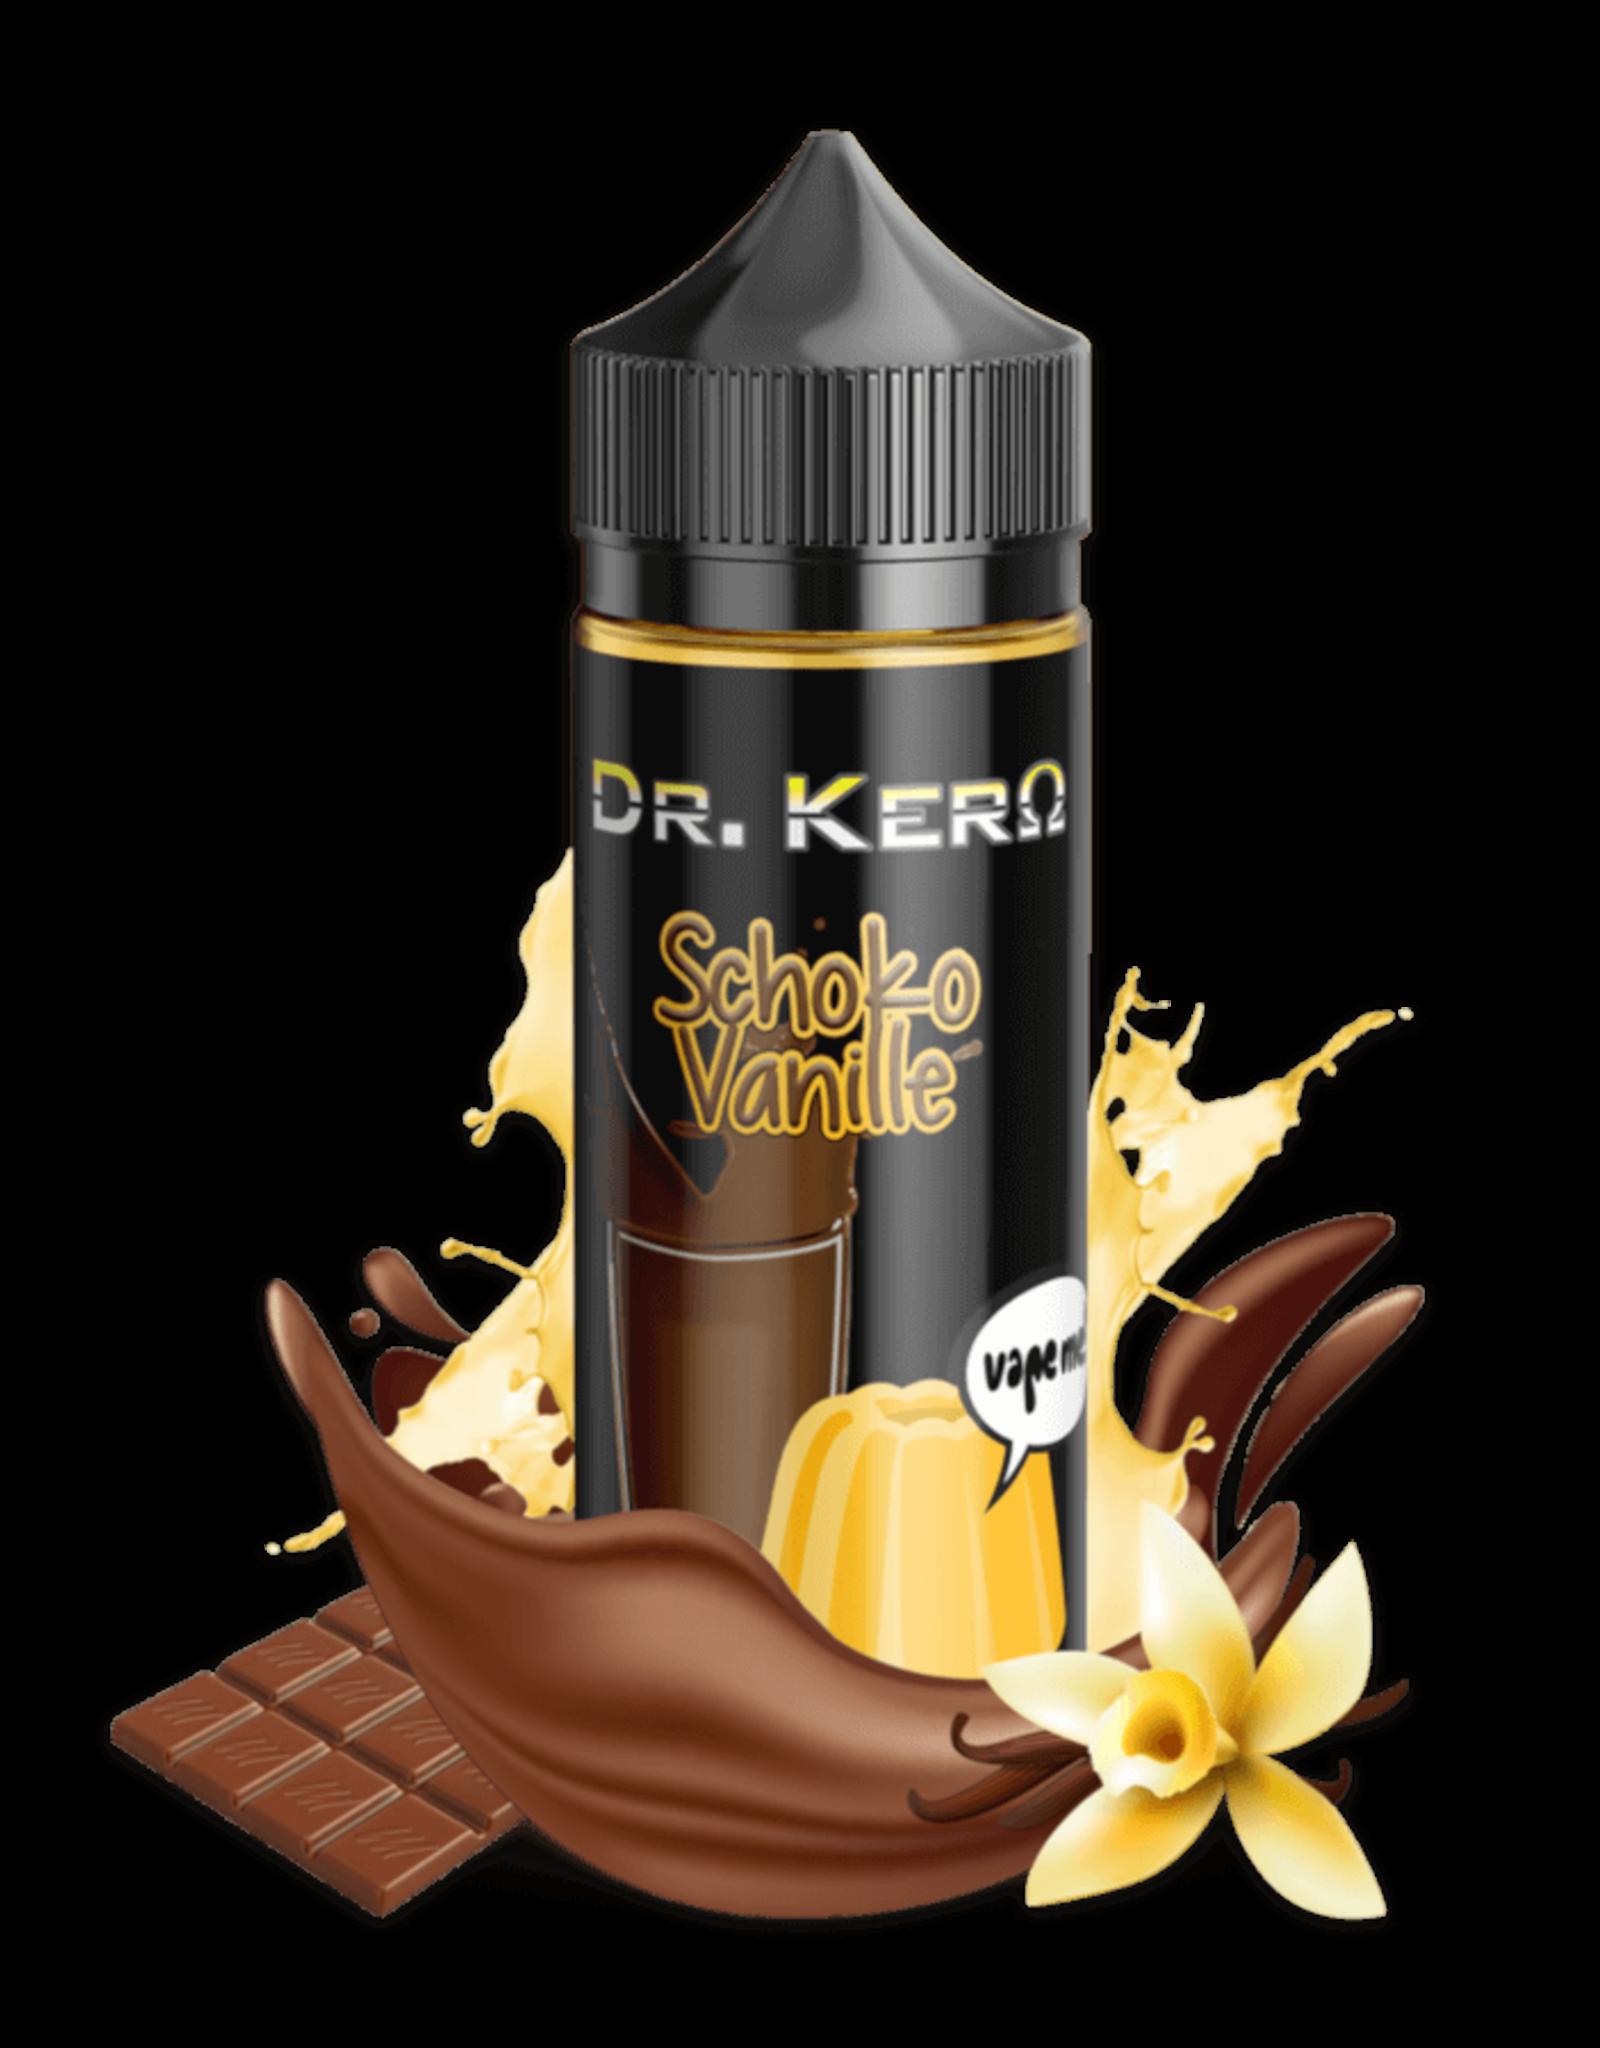 Dr. Kero Dr. Kero - Schoko Vanille 18ml